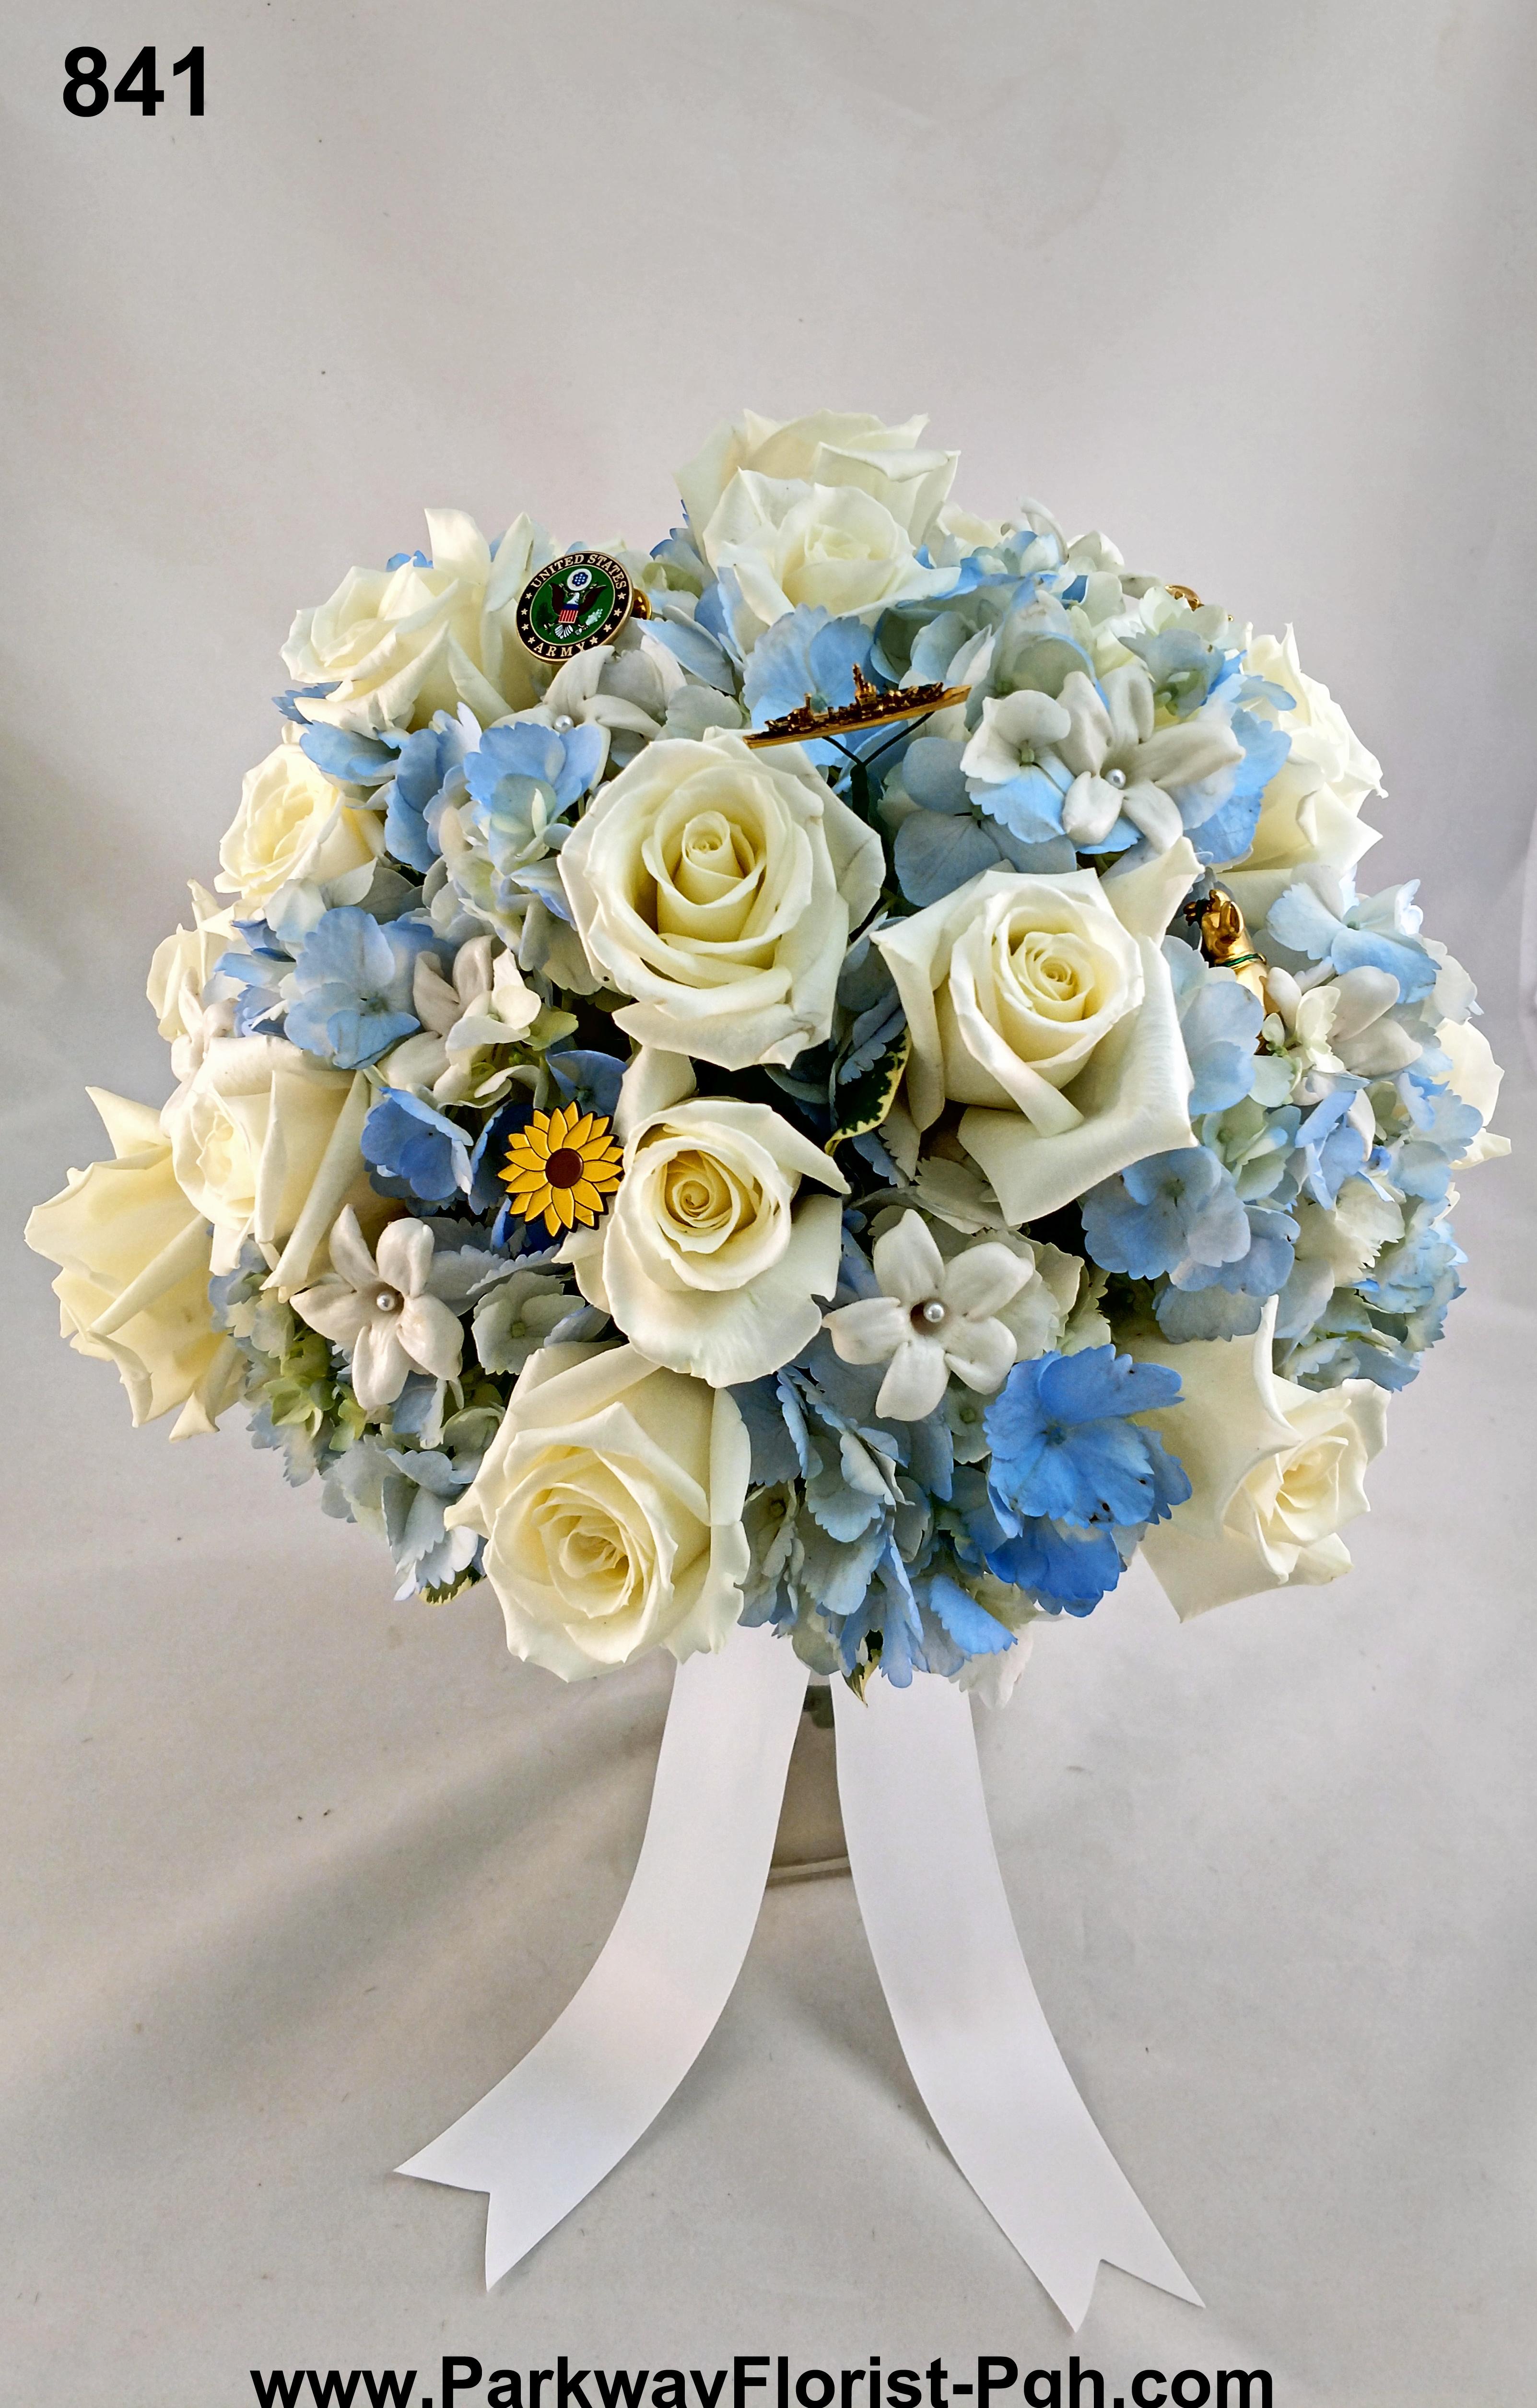 bouquets 841.jpg